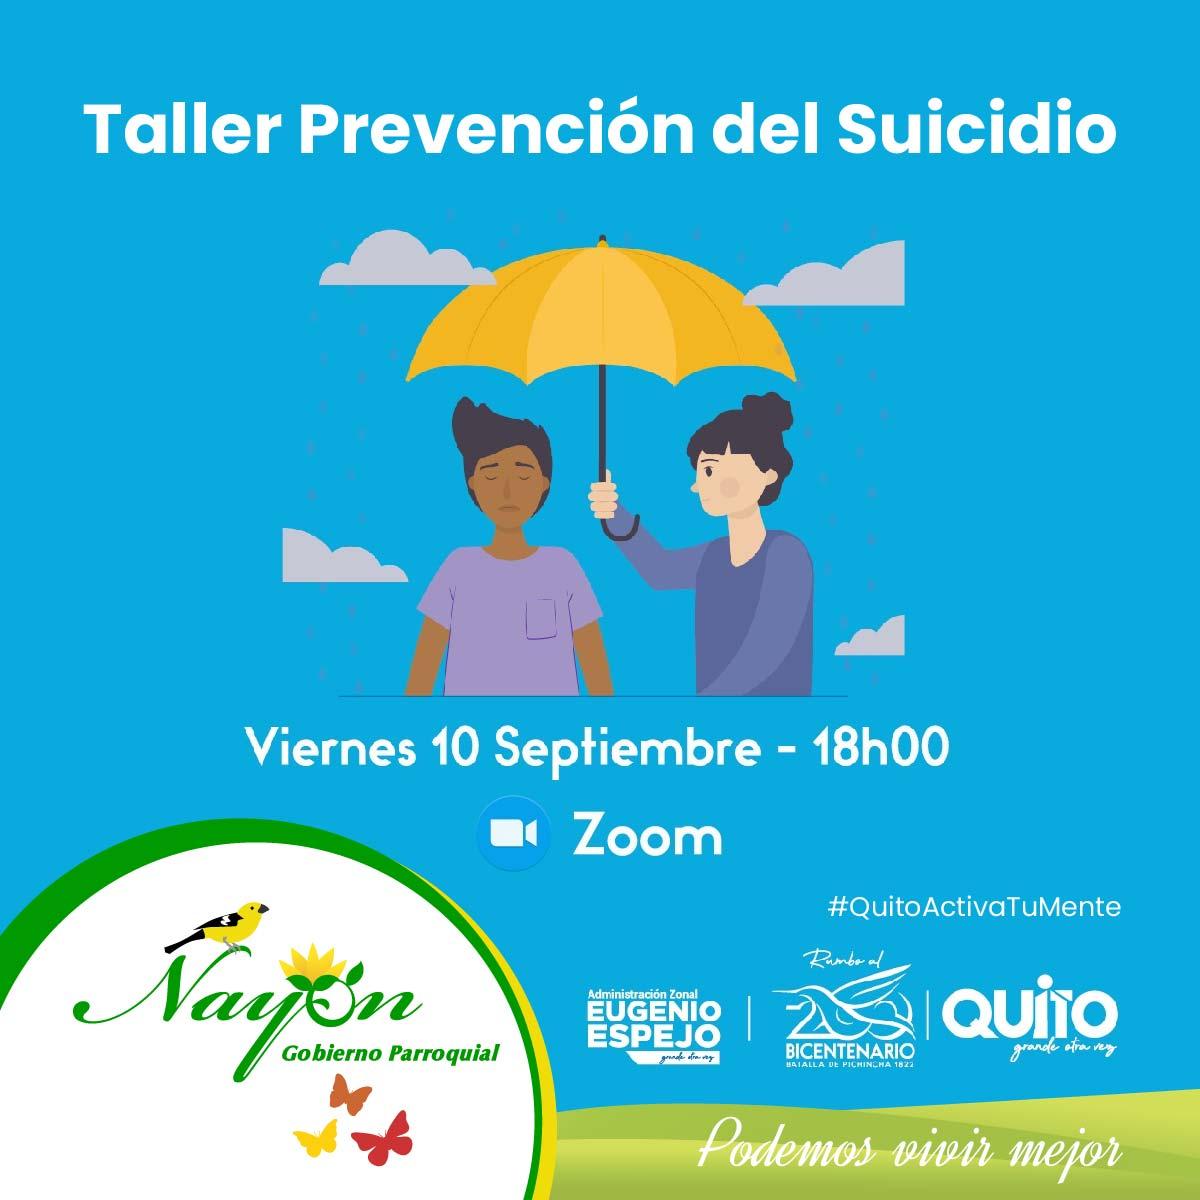 ¿Sabías que alguien en el mundo, muere cada 40 segundos a causa de suicidio?